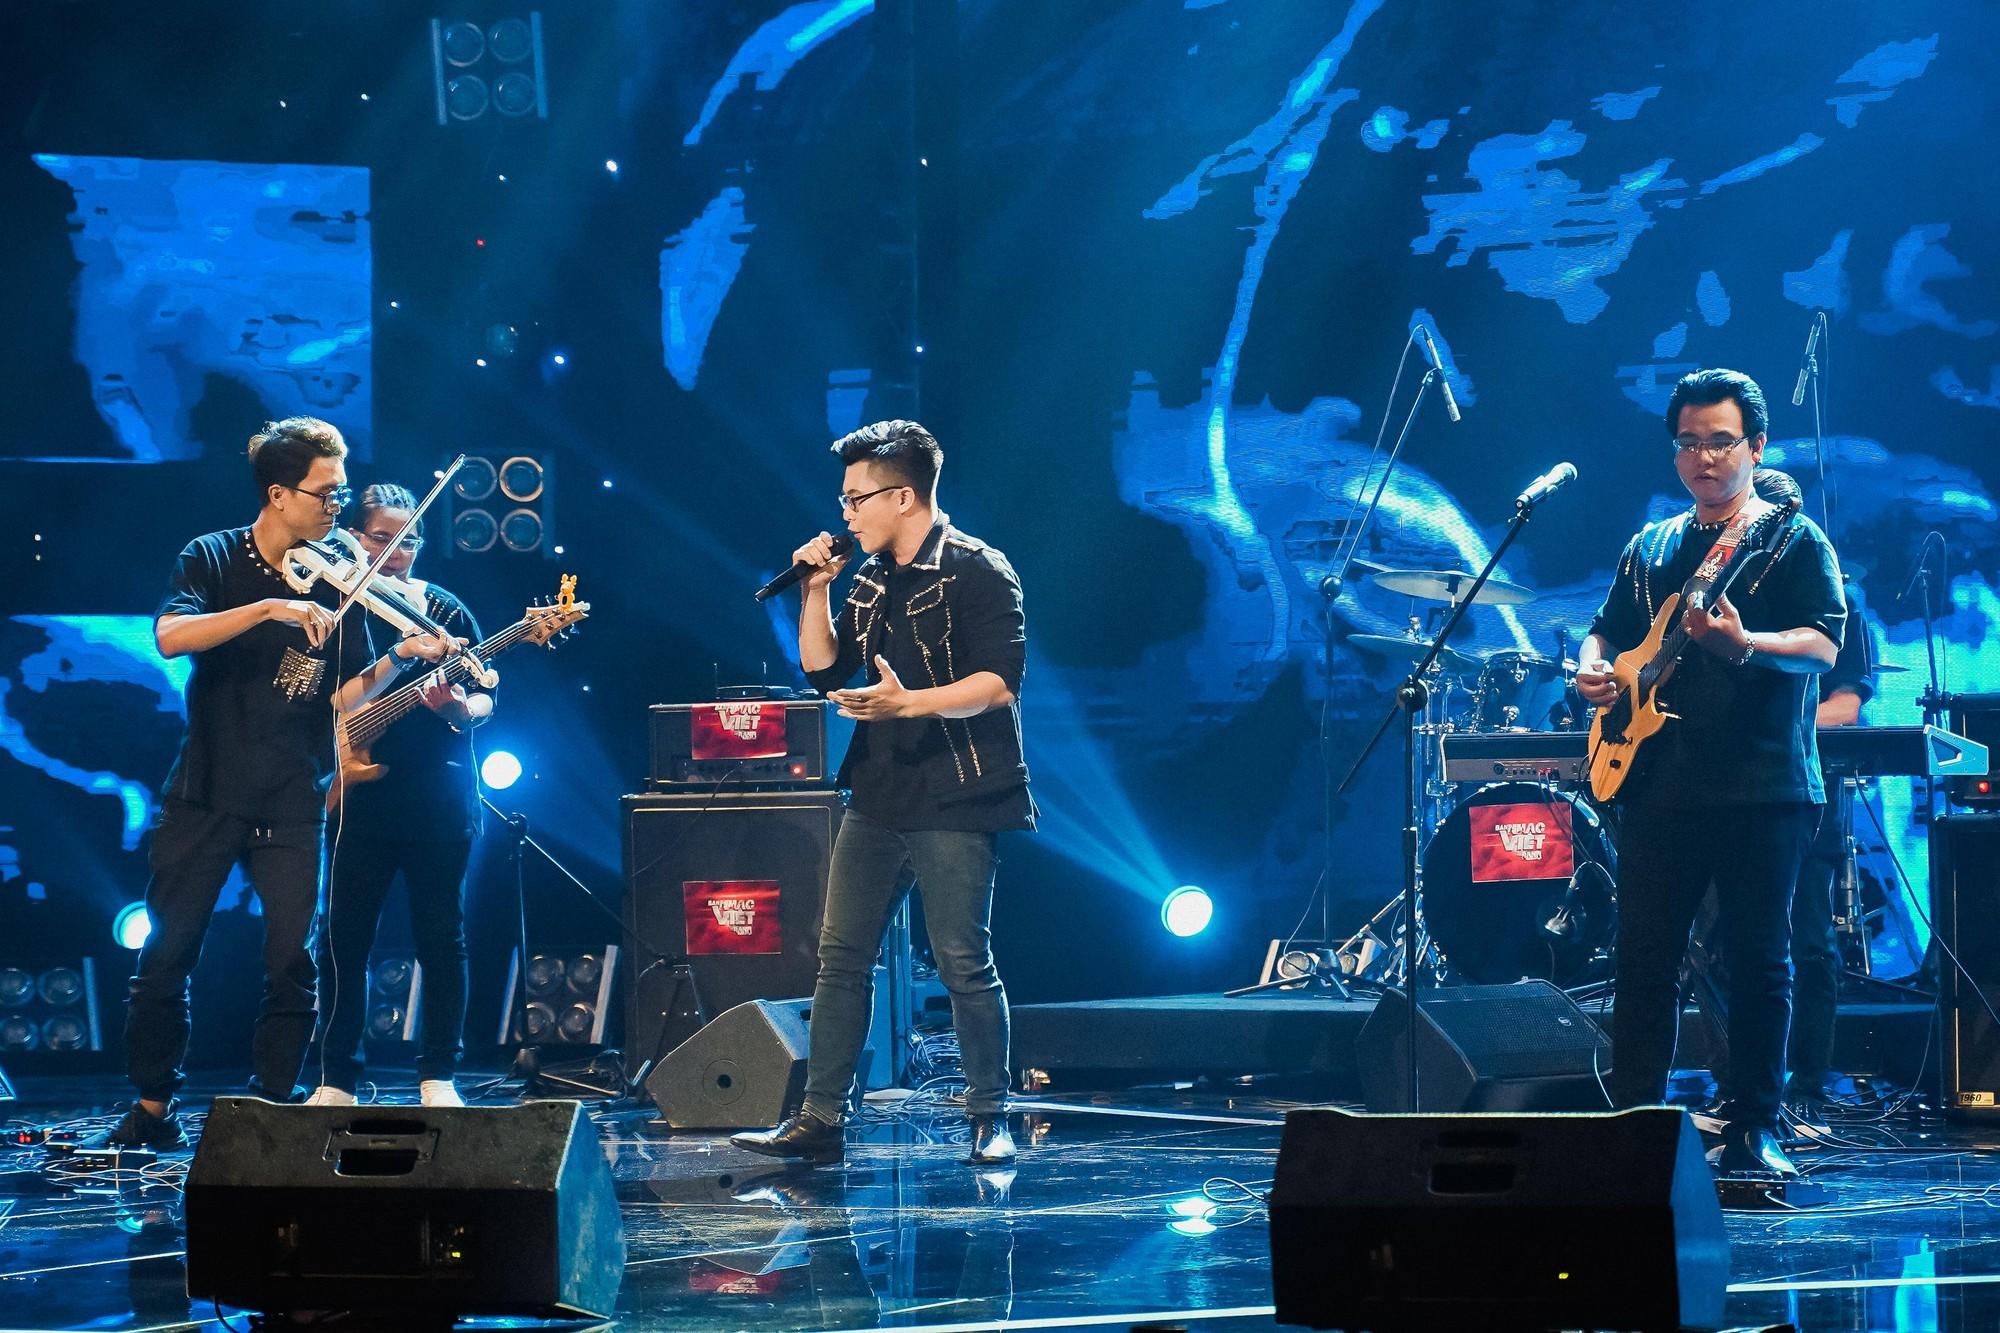 Ban nhạc Việt: Màn trộn lẫn hit Lam Trường, Mỹ Tâm, Phương Vy khiến các giám khảo bàn tán sôi nổi - Ảnh 14.